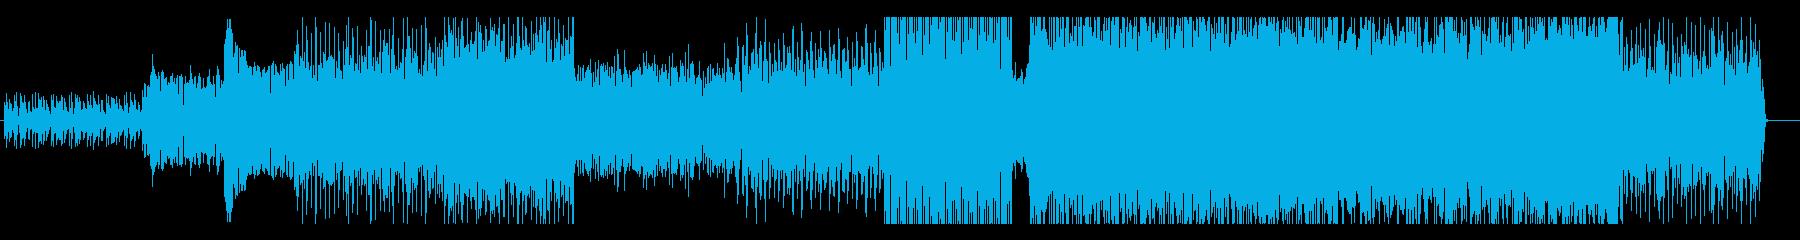 おしゃれでリズミカルなループ系BGMの再生済みの波形